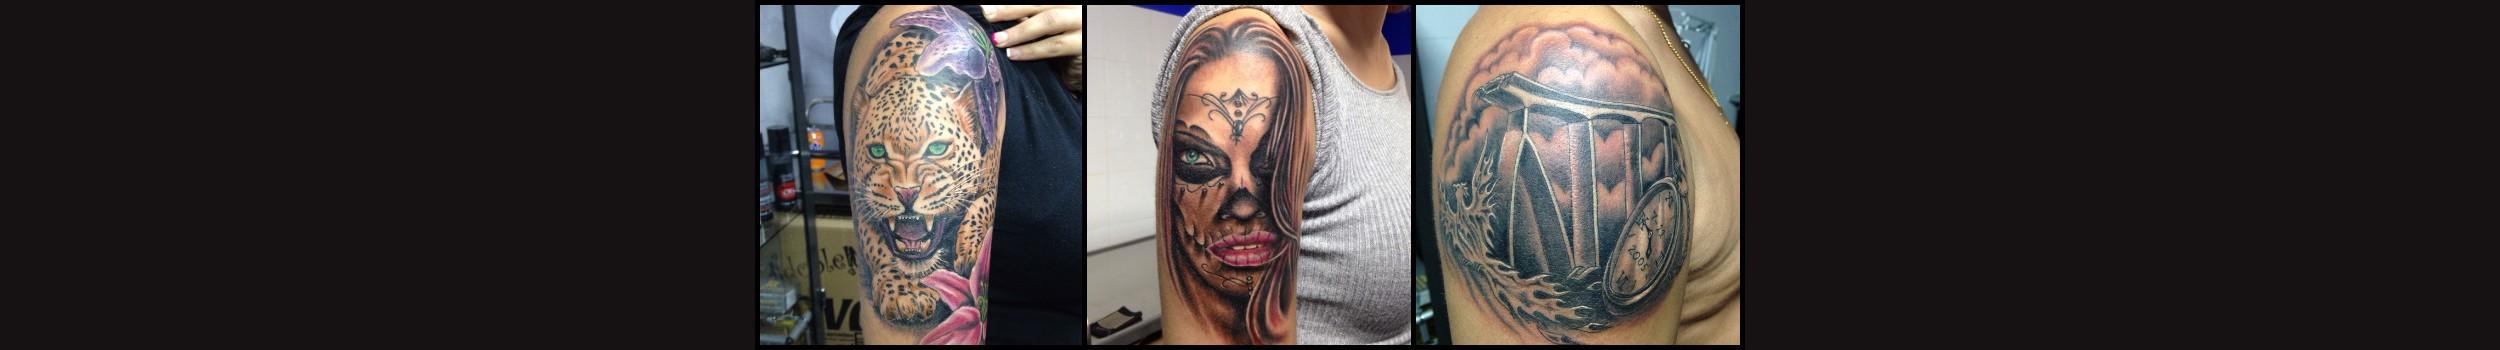 tatuajes en almuñecar, tatuajes en castell de ferro, tatuajes en la herradura, tatuajes en lobres